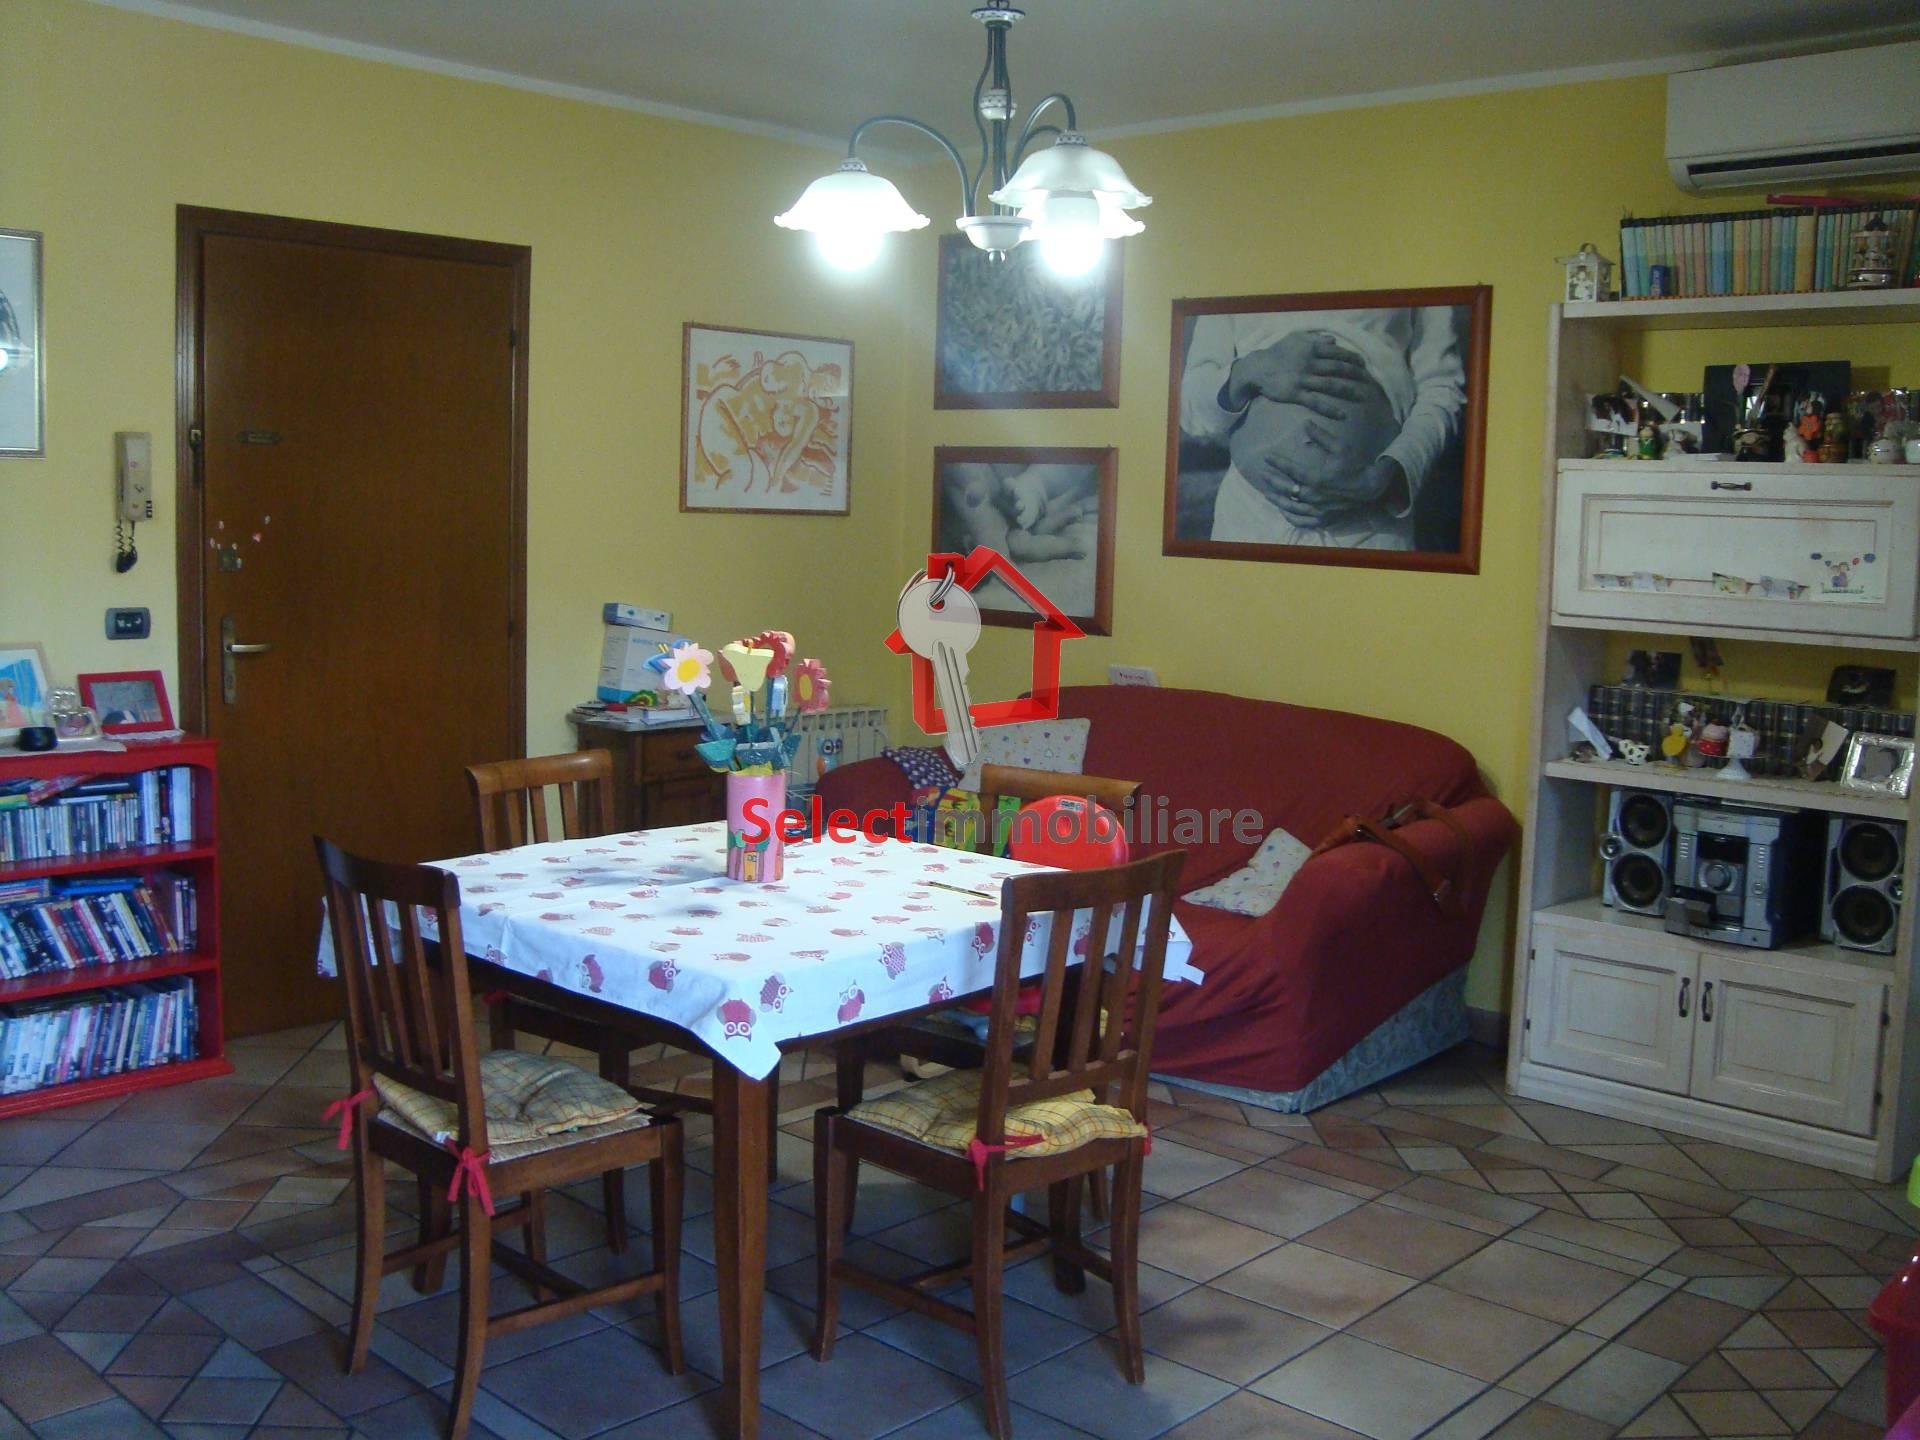 Appartamento in vendita a Bagni di Lucca, 4 locali, zona oli, prezzo € 130.000 | PortaleAgenzieImmobiliari.it